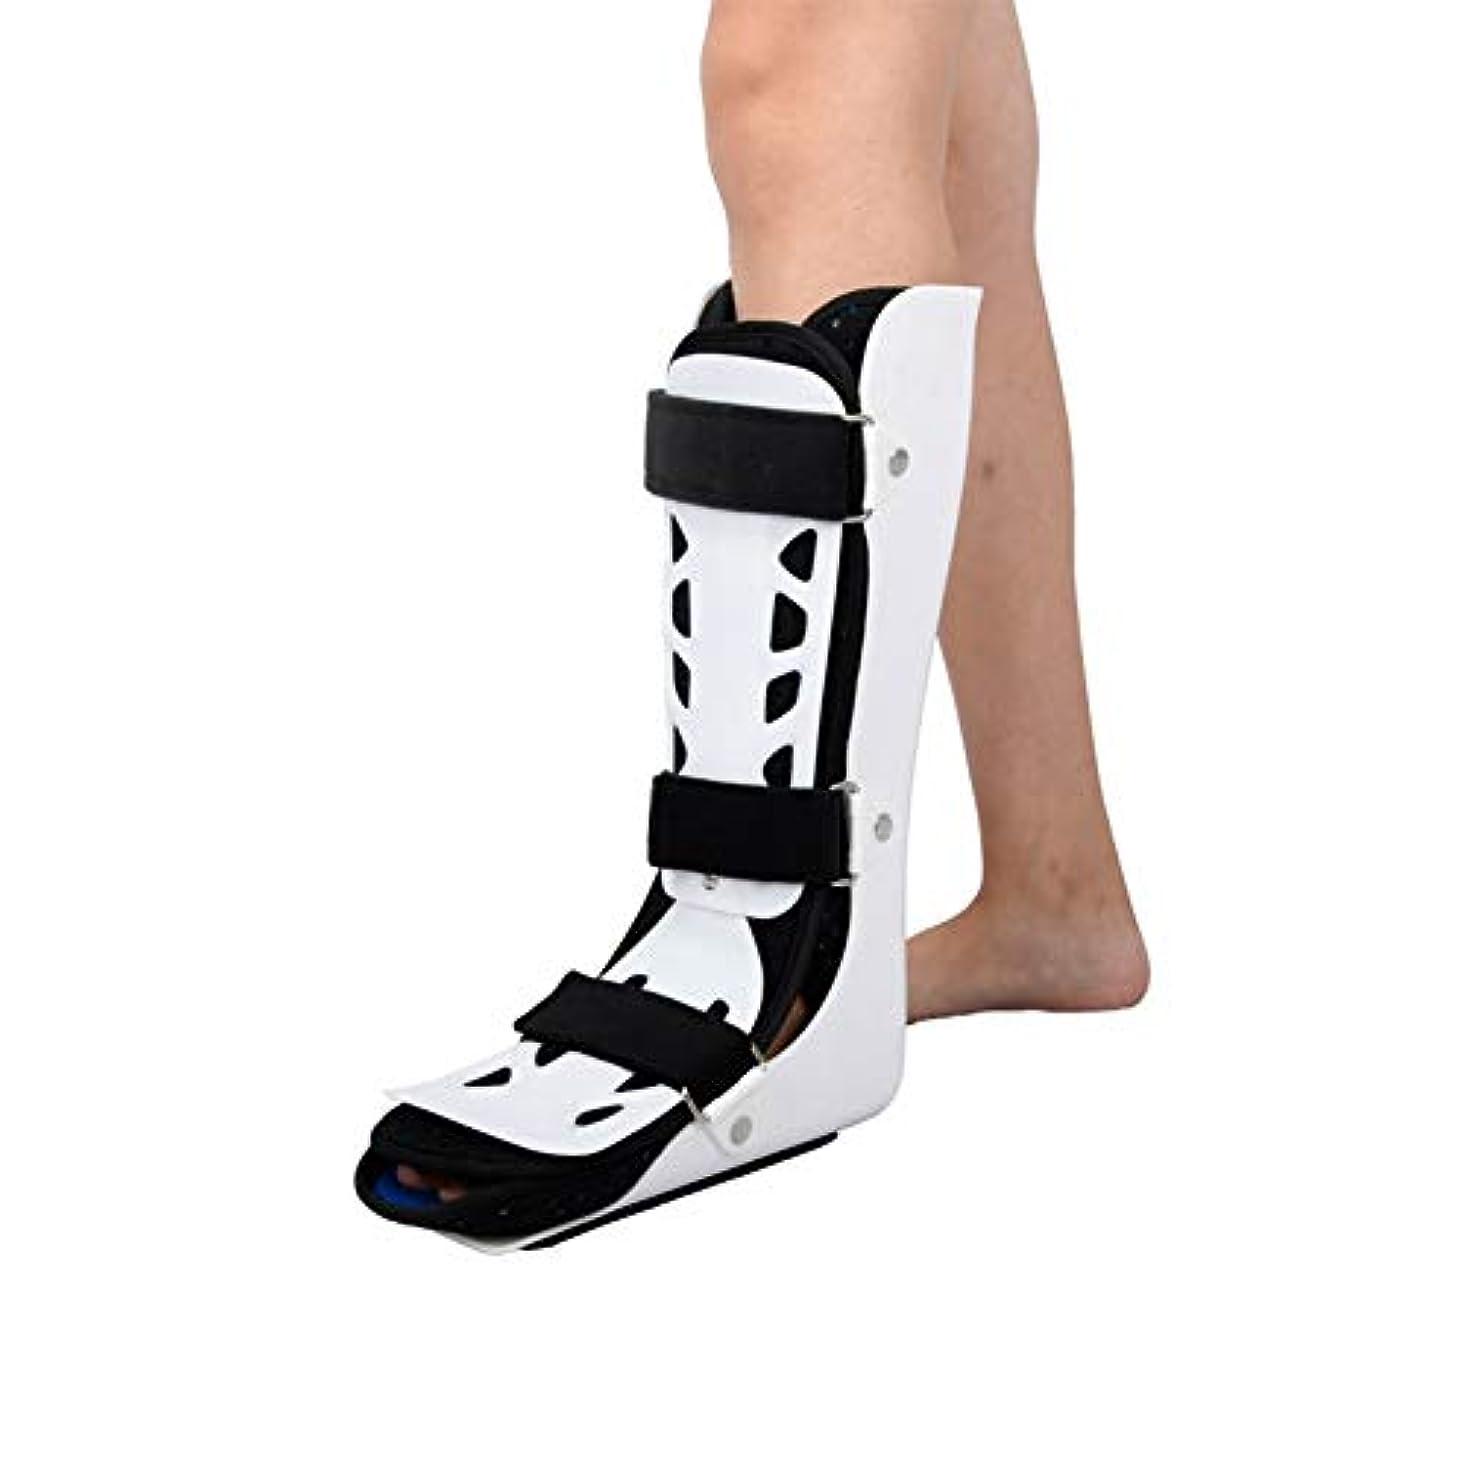 王女バレエ十分足首サポート アキレス、大人の足首とアキレス腱を骨折し、歩行時の通気性を訓練します。足首を固定します。 (Color : 左, Size : L)